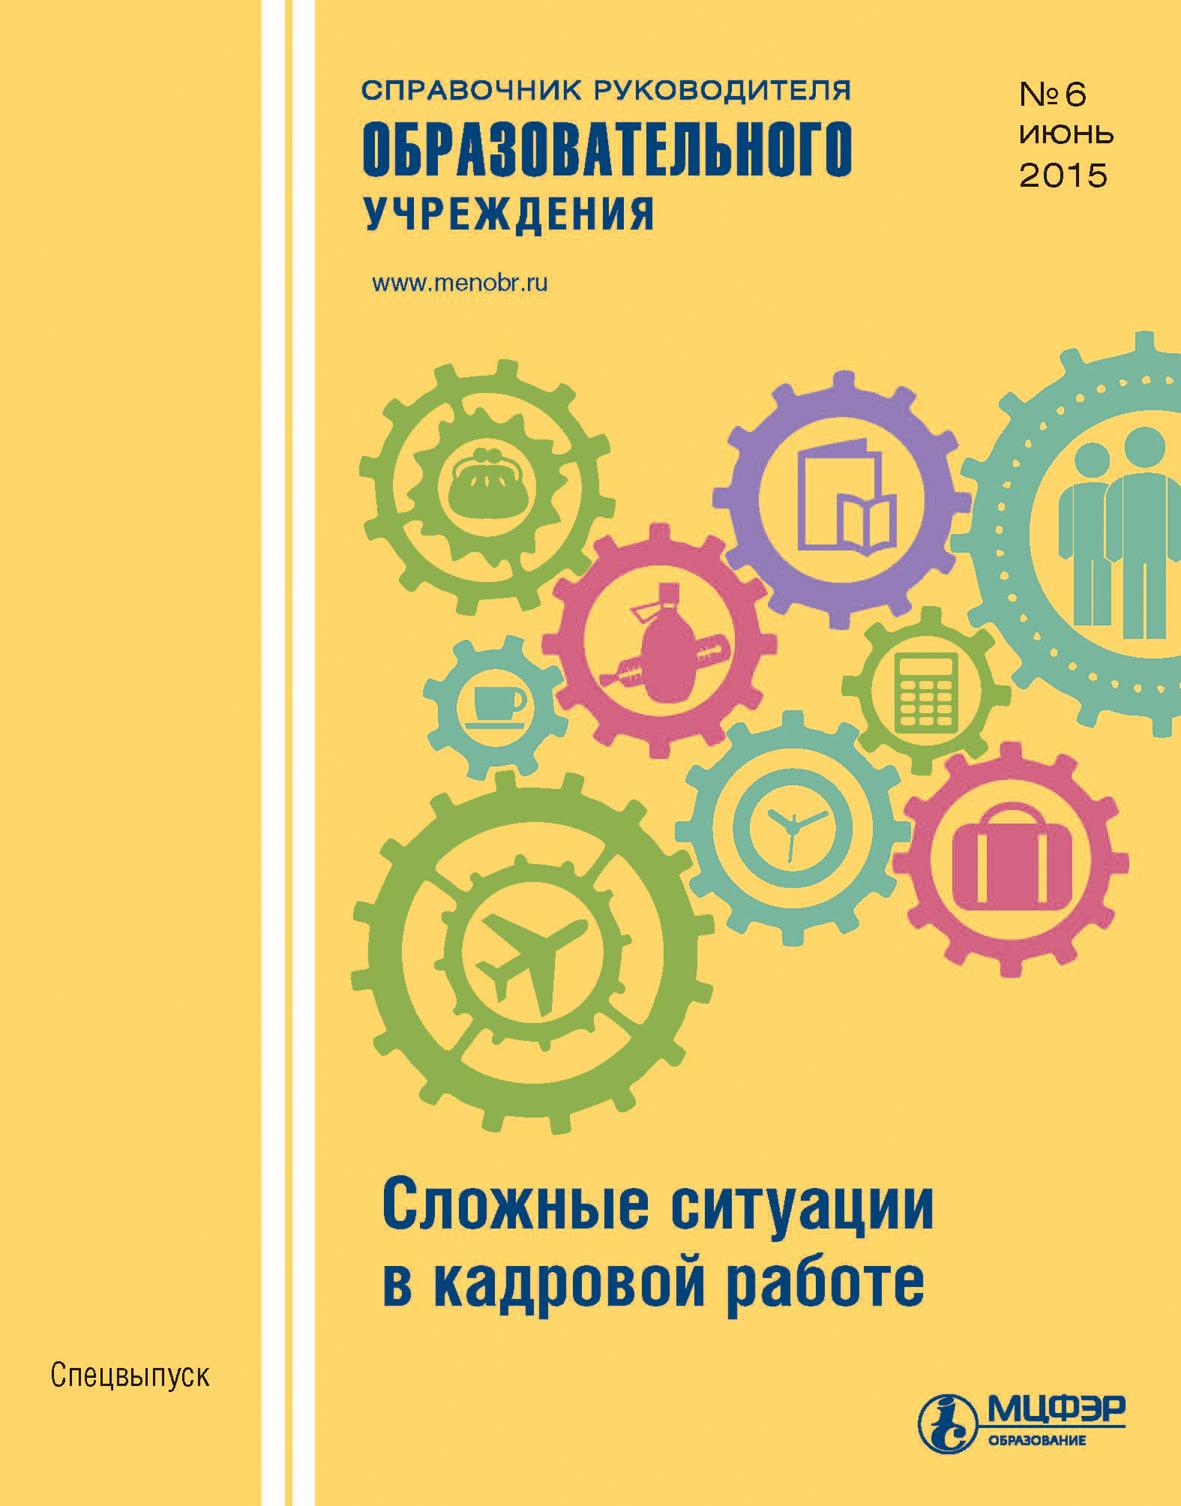 Справочник руководителя образовательного учреждения № 6 2015